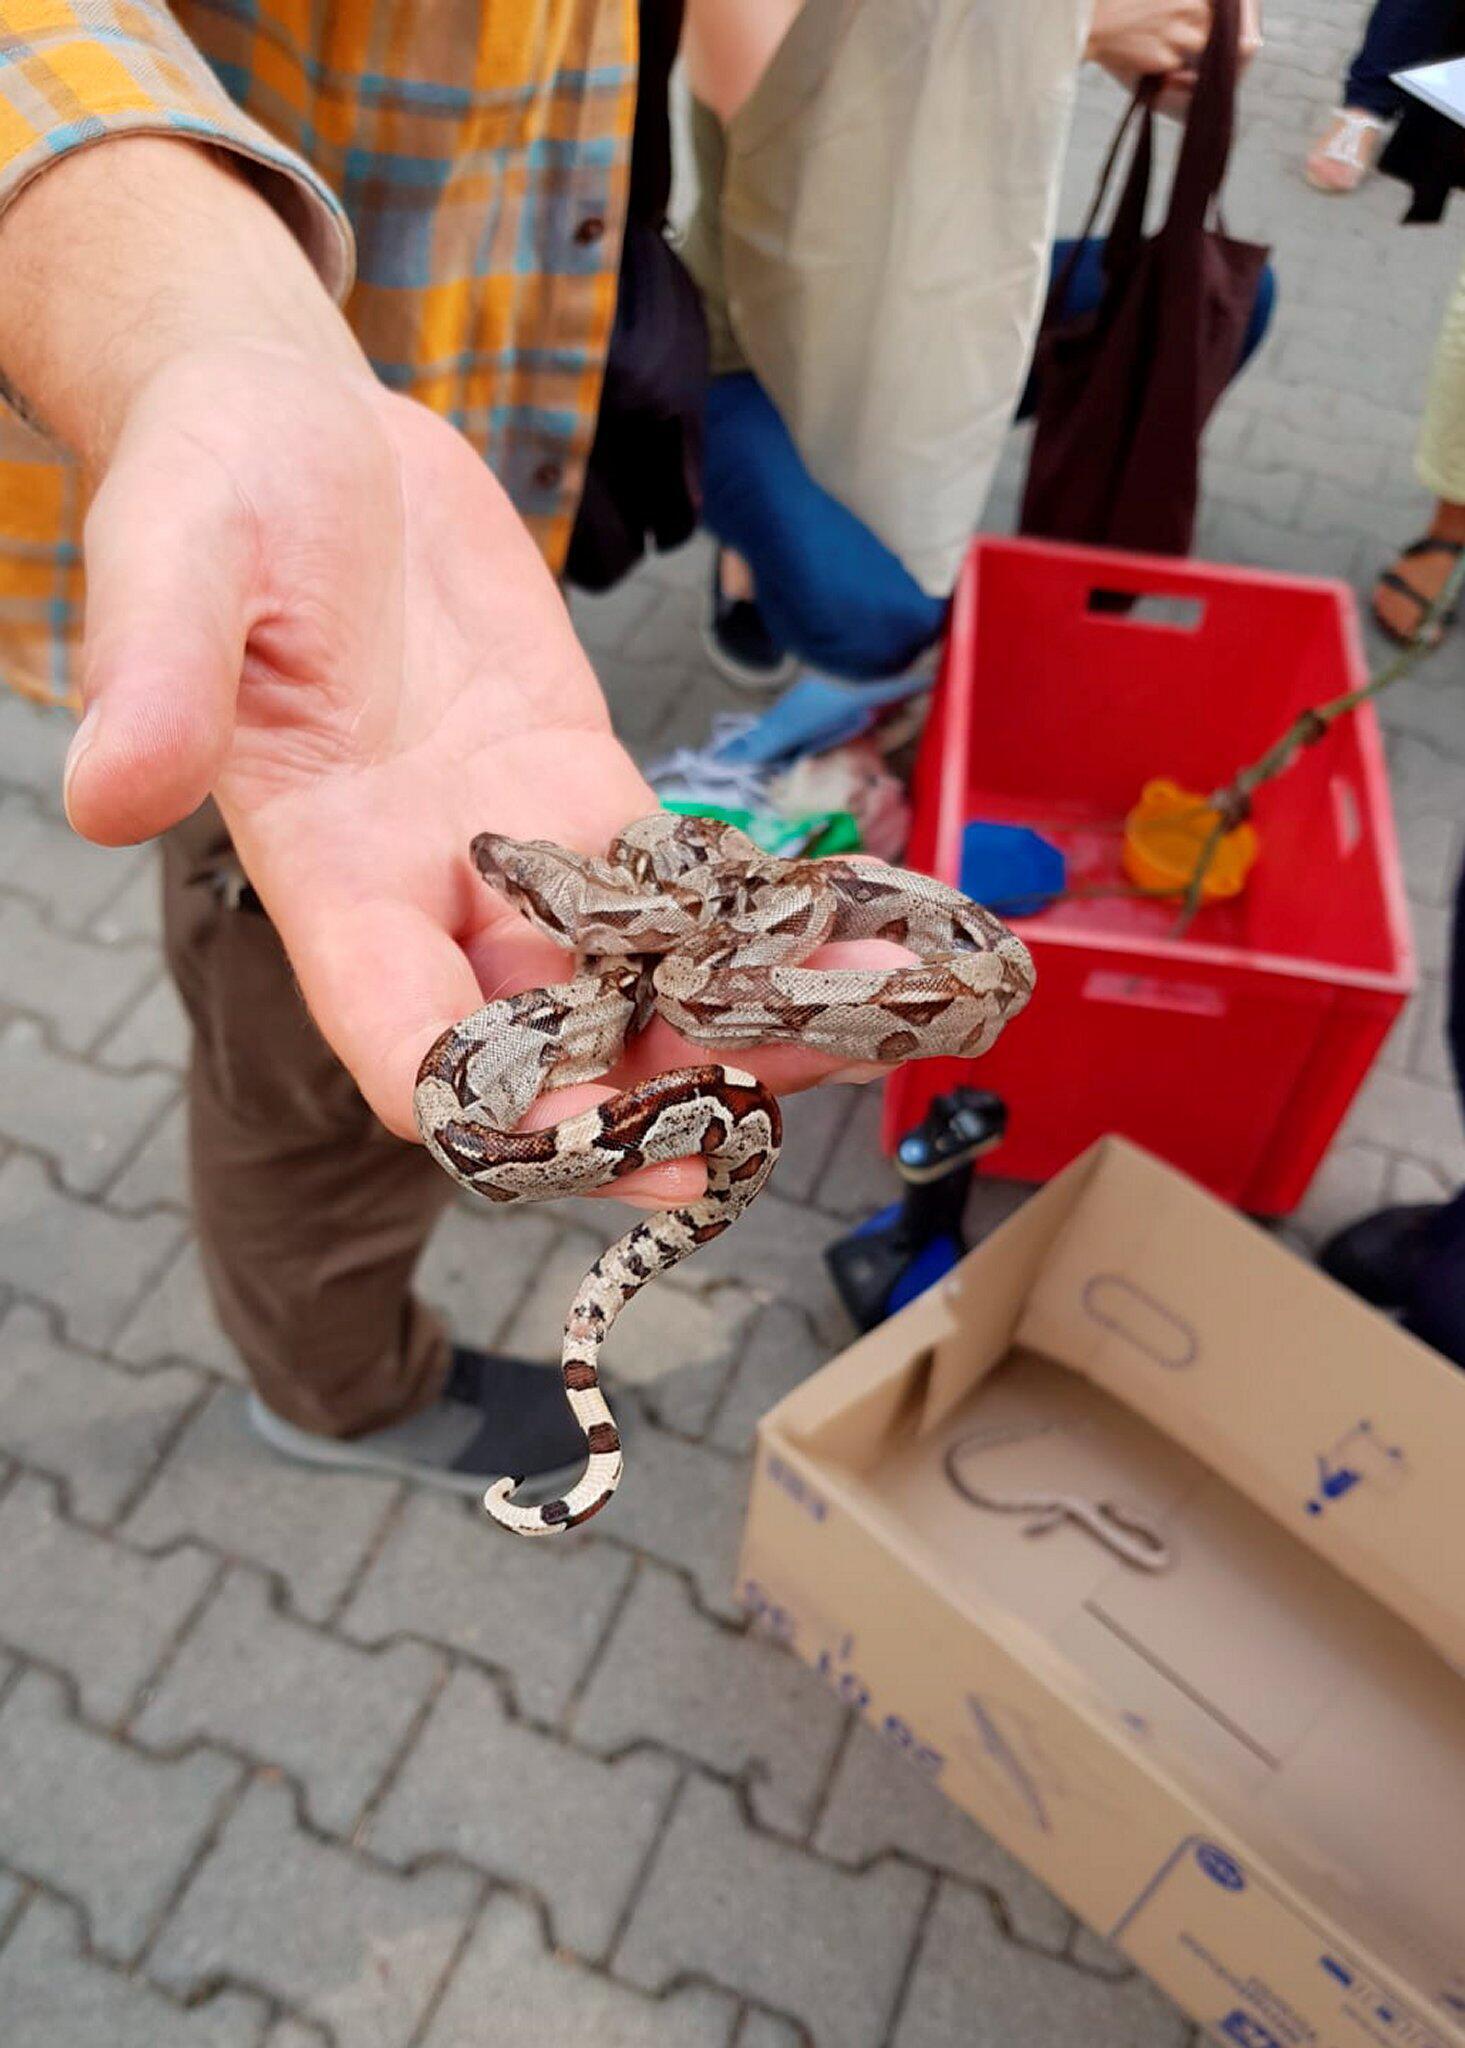 Frankfurt: Feuerwehrleute fangen zehn Schlangen in Kindergarten | GMX.CH